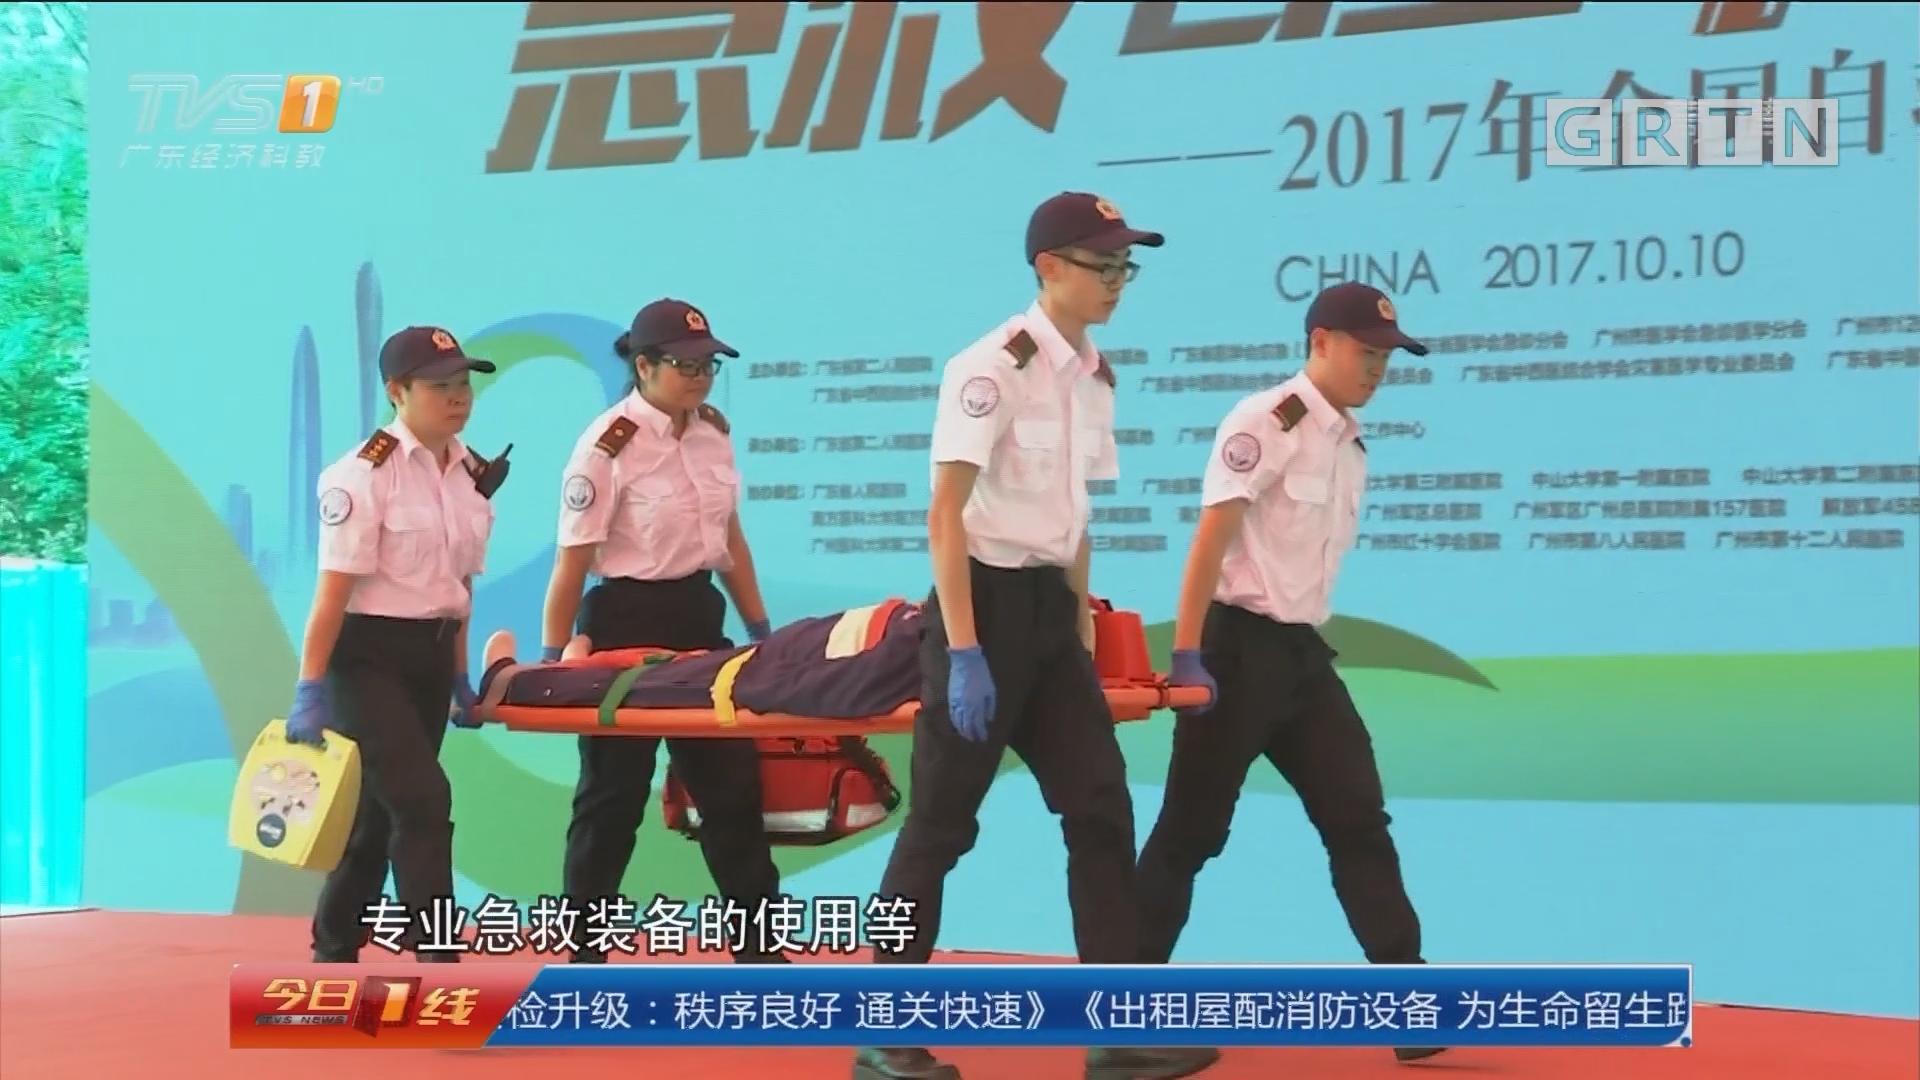 广州:全国自救互救日 开启生命绿色通道